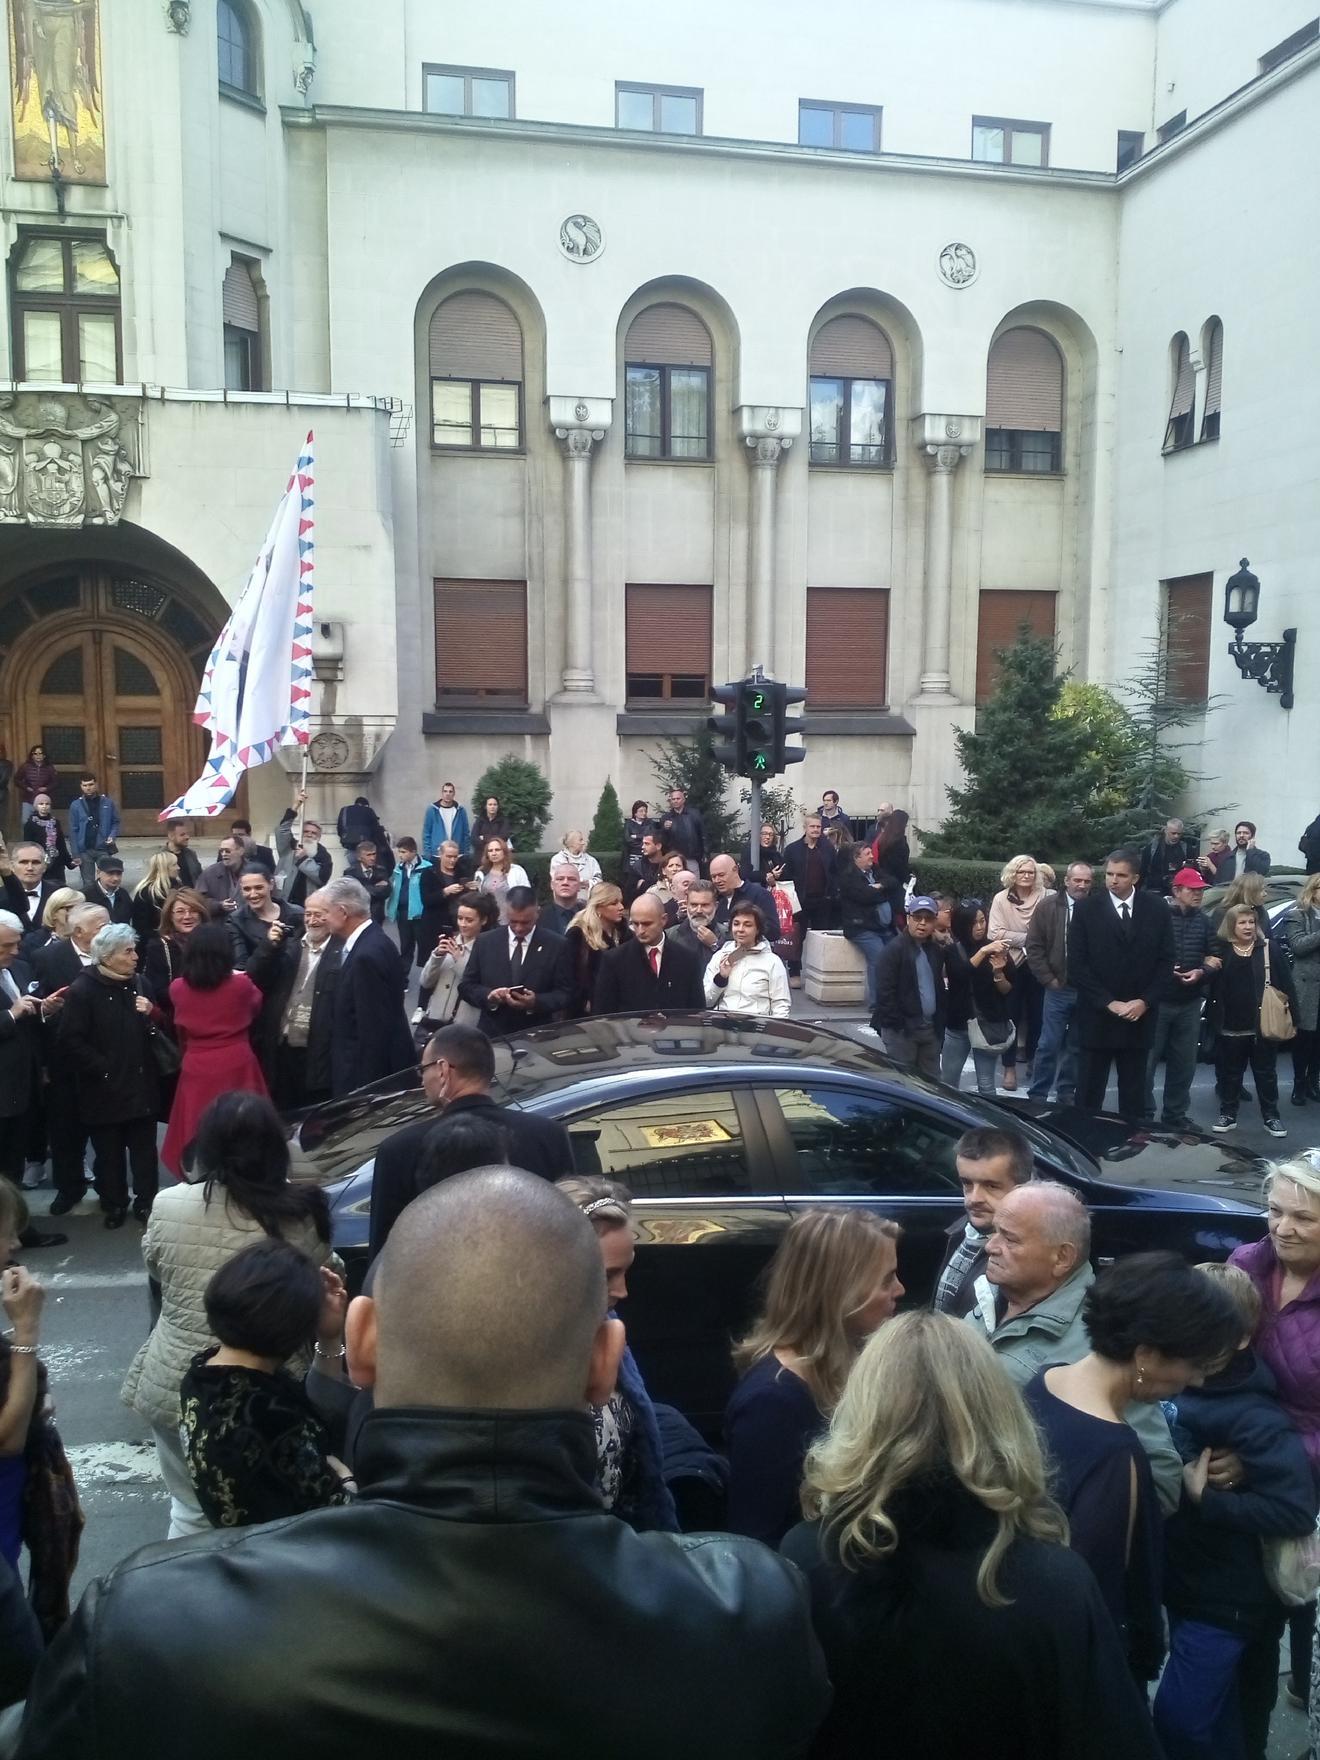 Kneginja Jelisaveta Karađorđević se jedina pozdravila sa okupljenima